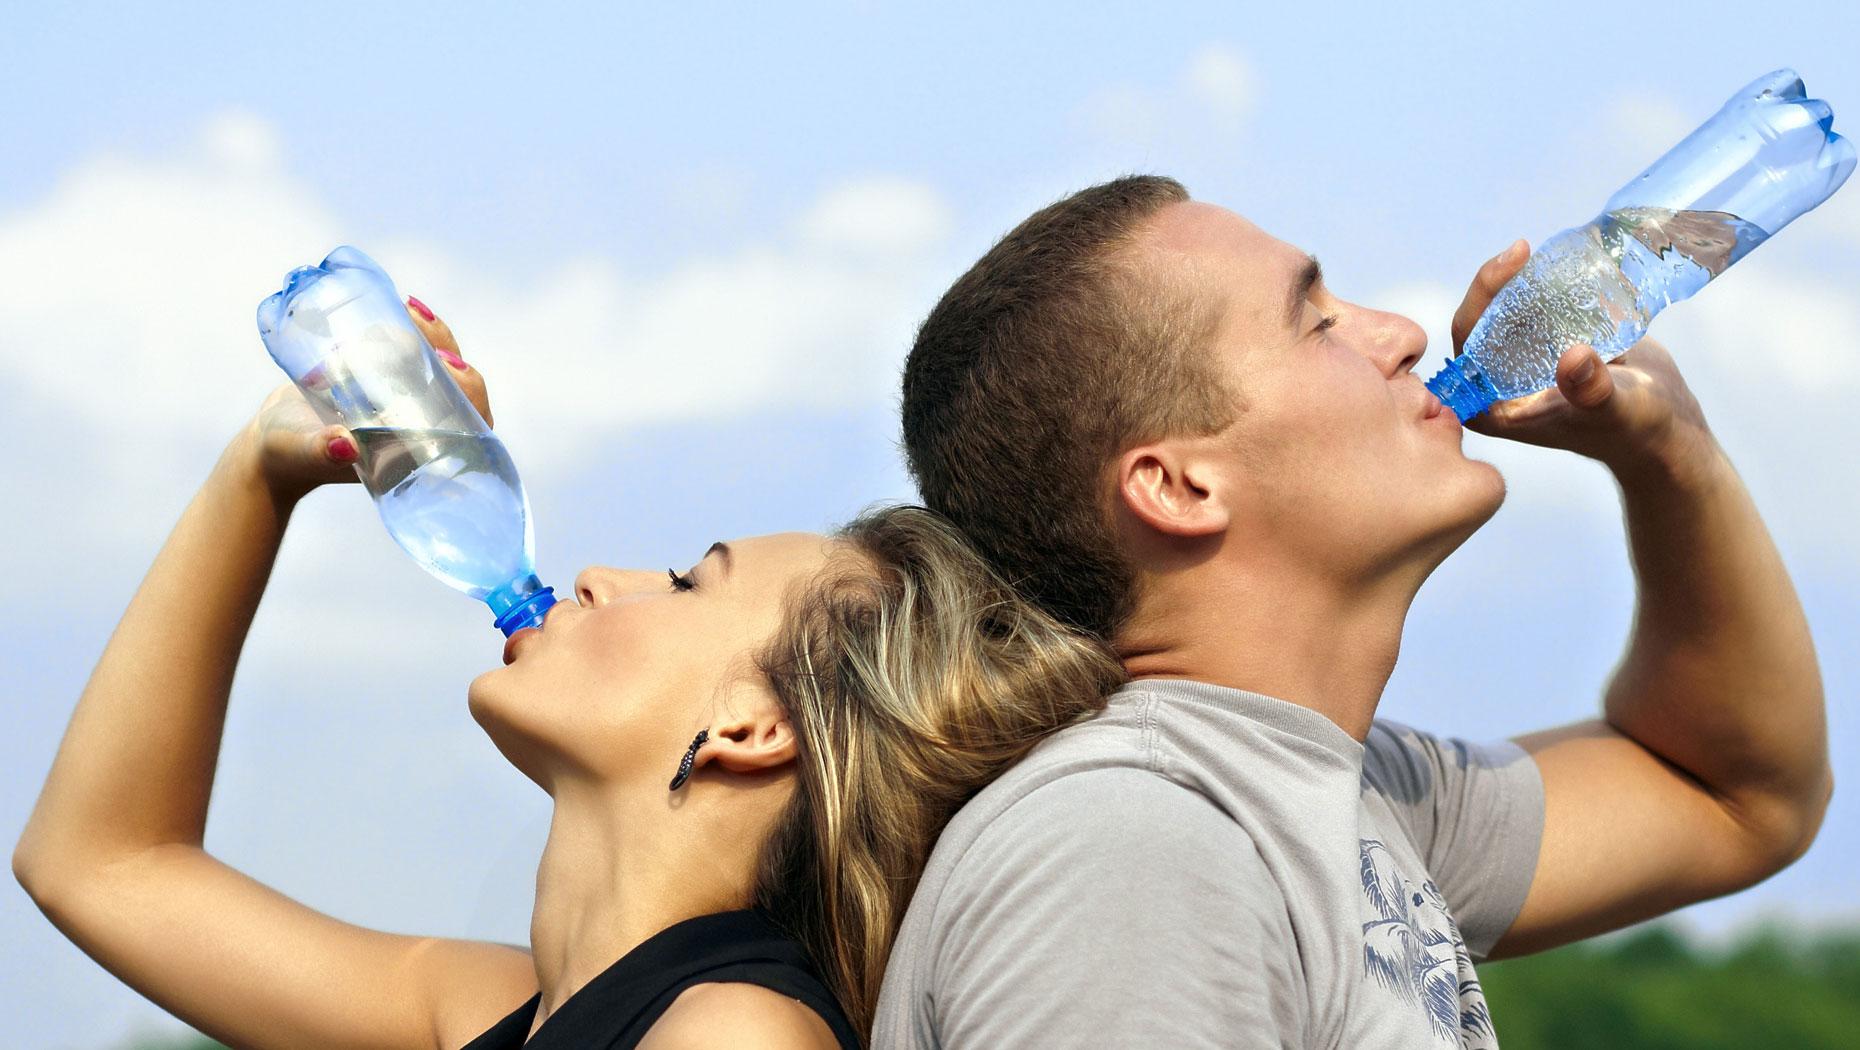 Не забывай поддерживать гидратацию в норме